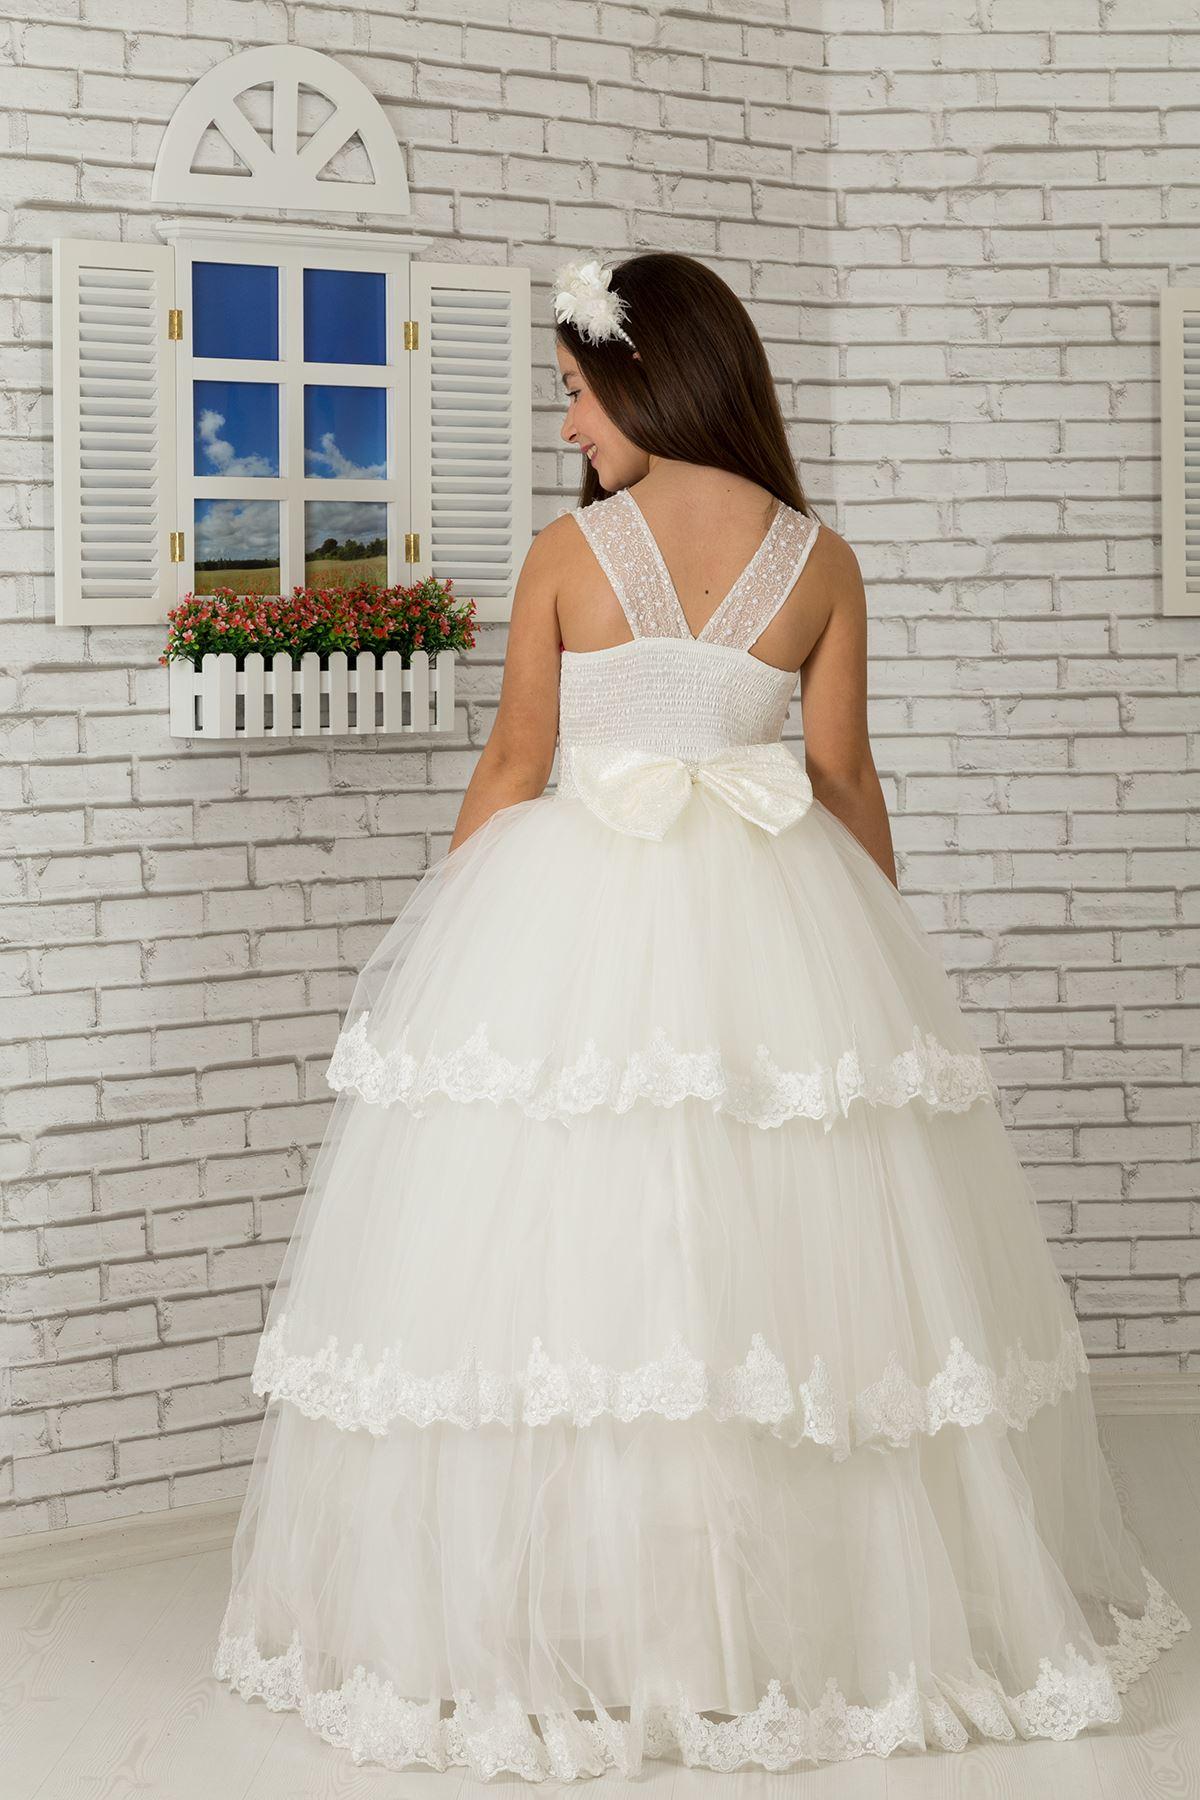 Δαντέλα κεντημένο Σώμα, πολυεπίπεδη φούστα απλικέ, τούλι αφράτο κορίτσι βραδινό φόρεμα 608 κρέμα